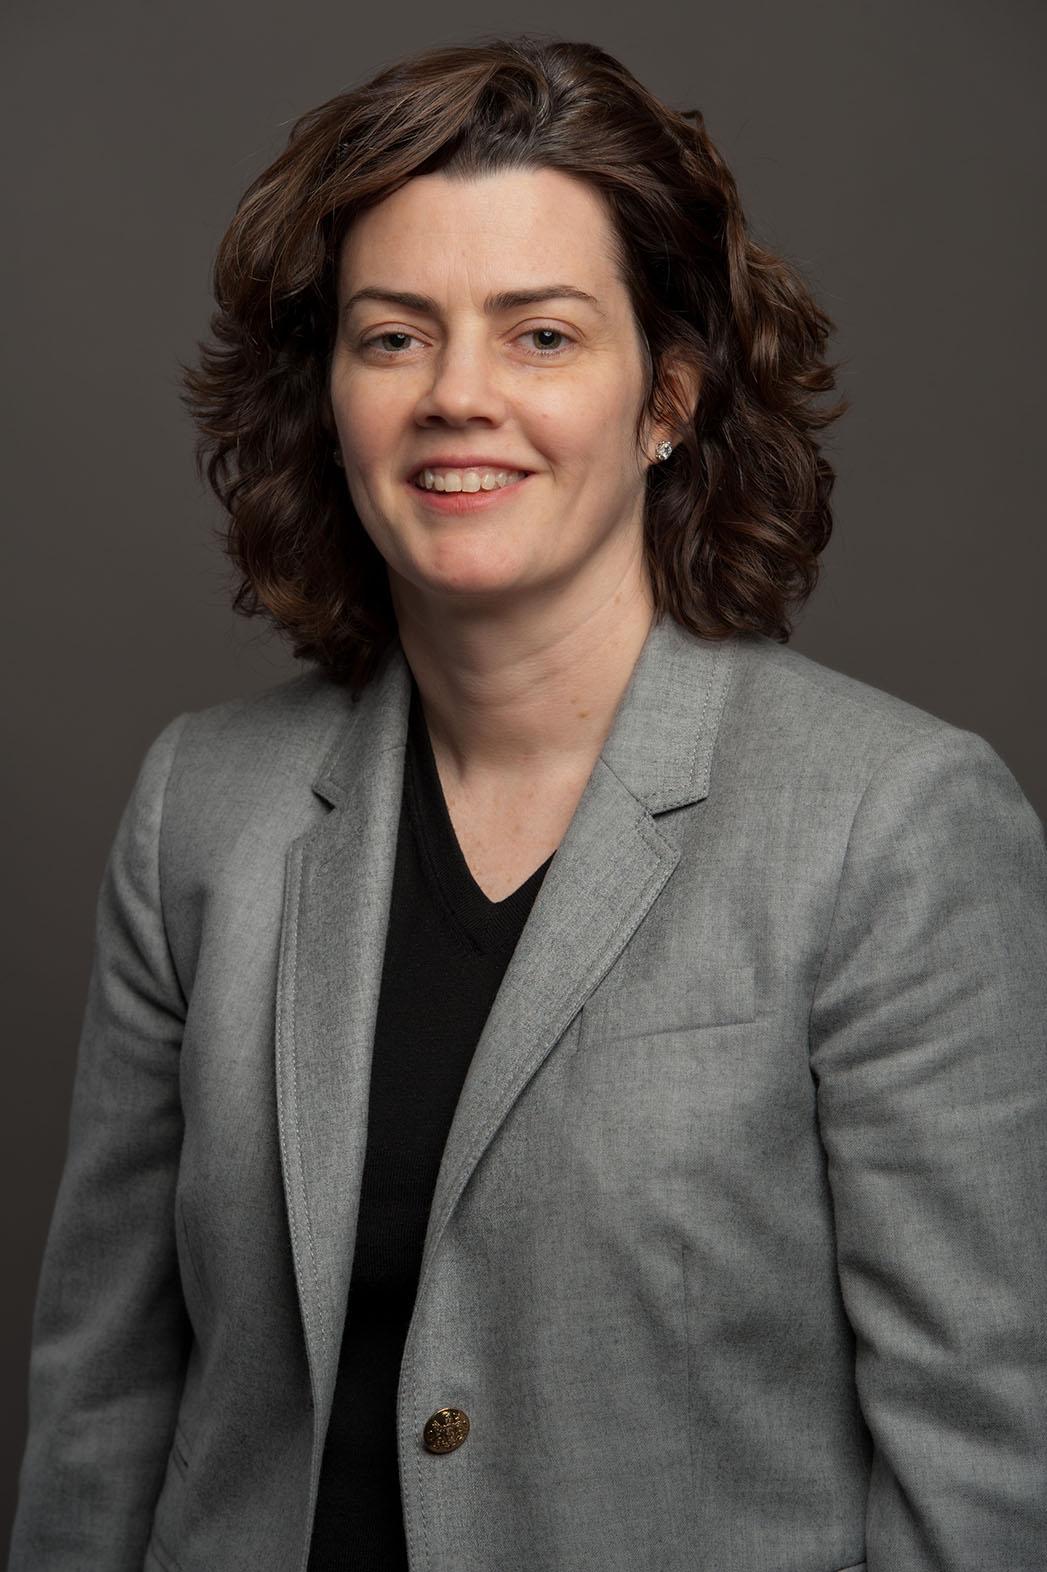 Marie Donoghue Portrait - P 2014